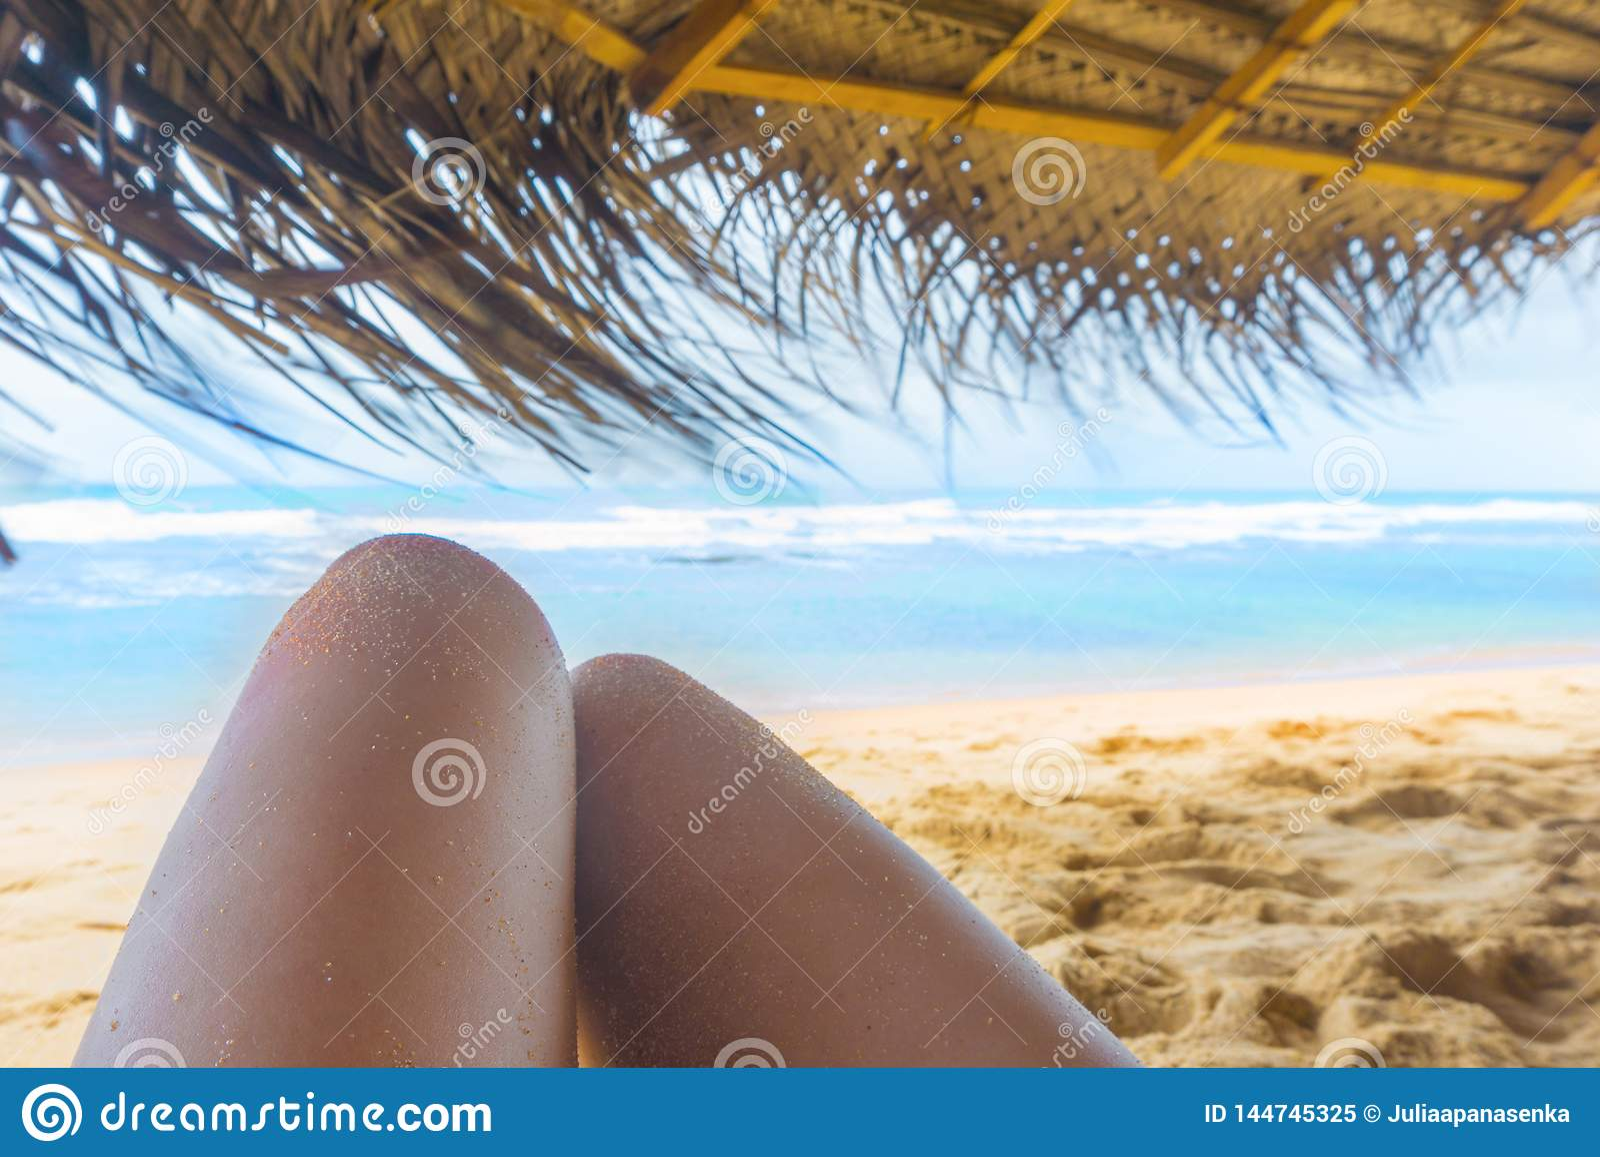 Πόδια γυναίκας κάτω από sunshade στην ηλιόλουστη τροπική παραλία